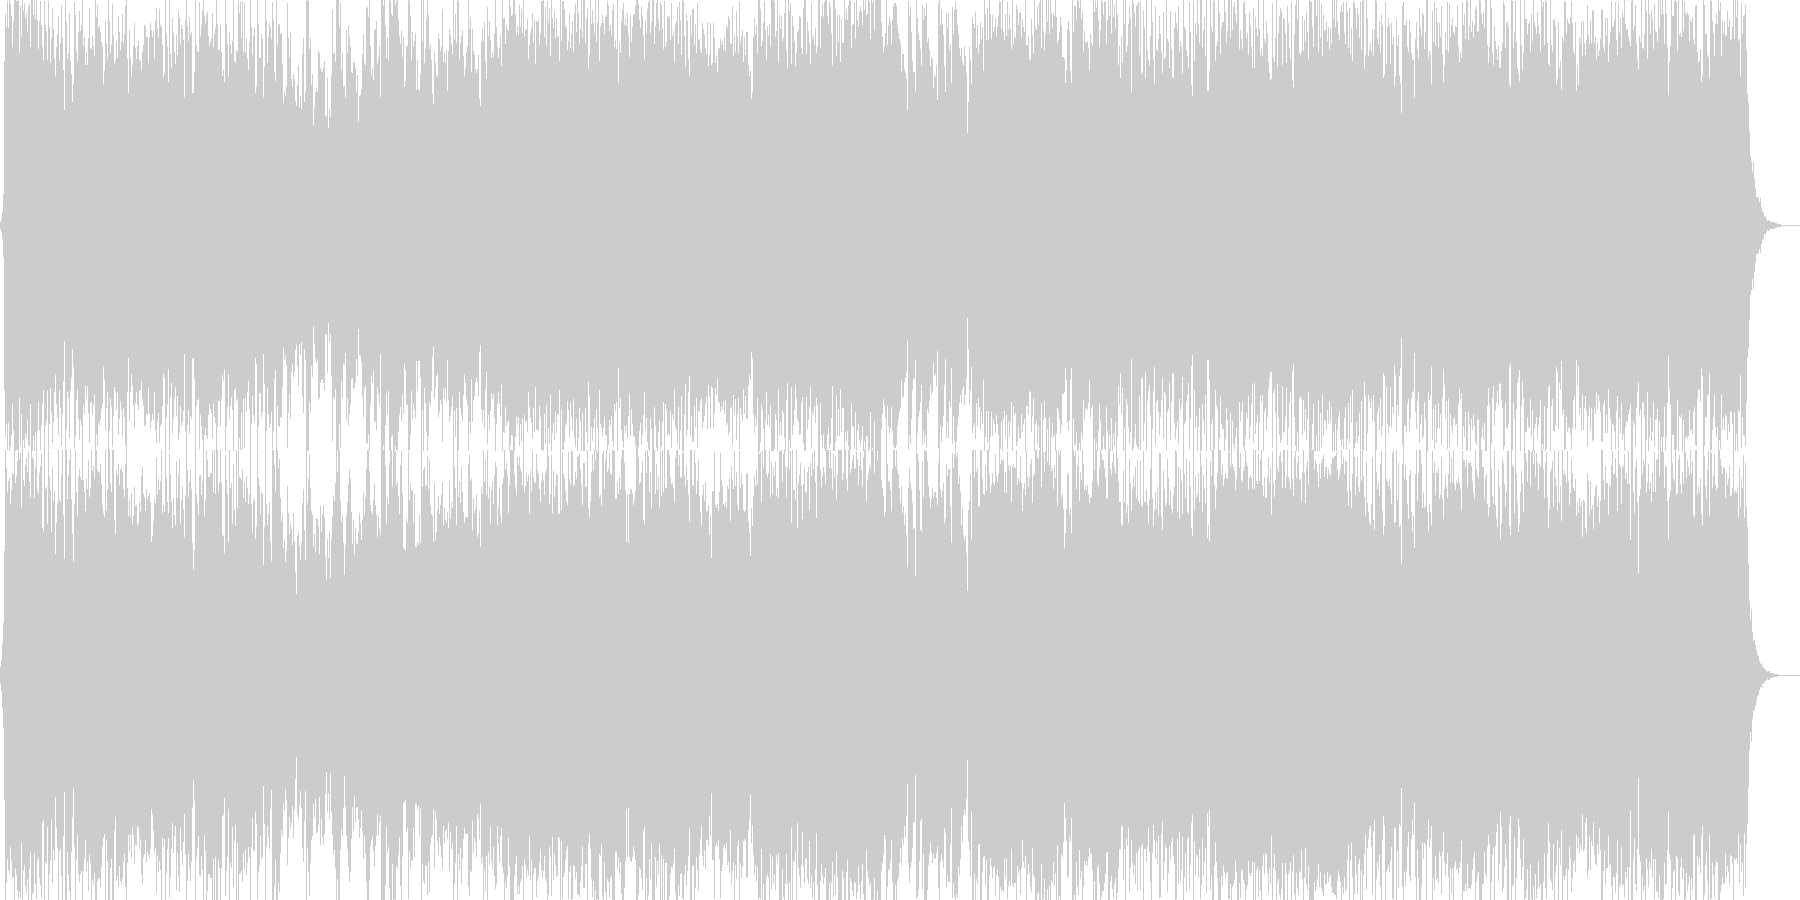 ダークファンタジーオーケストラ戦闘曲45の未再生の波形